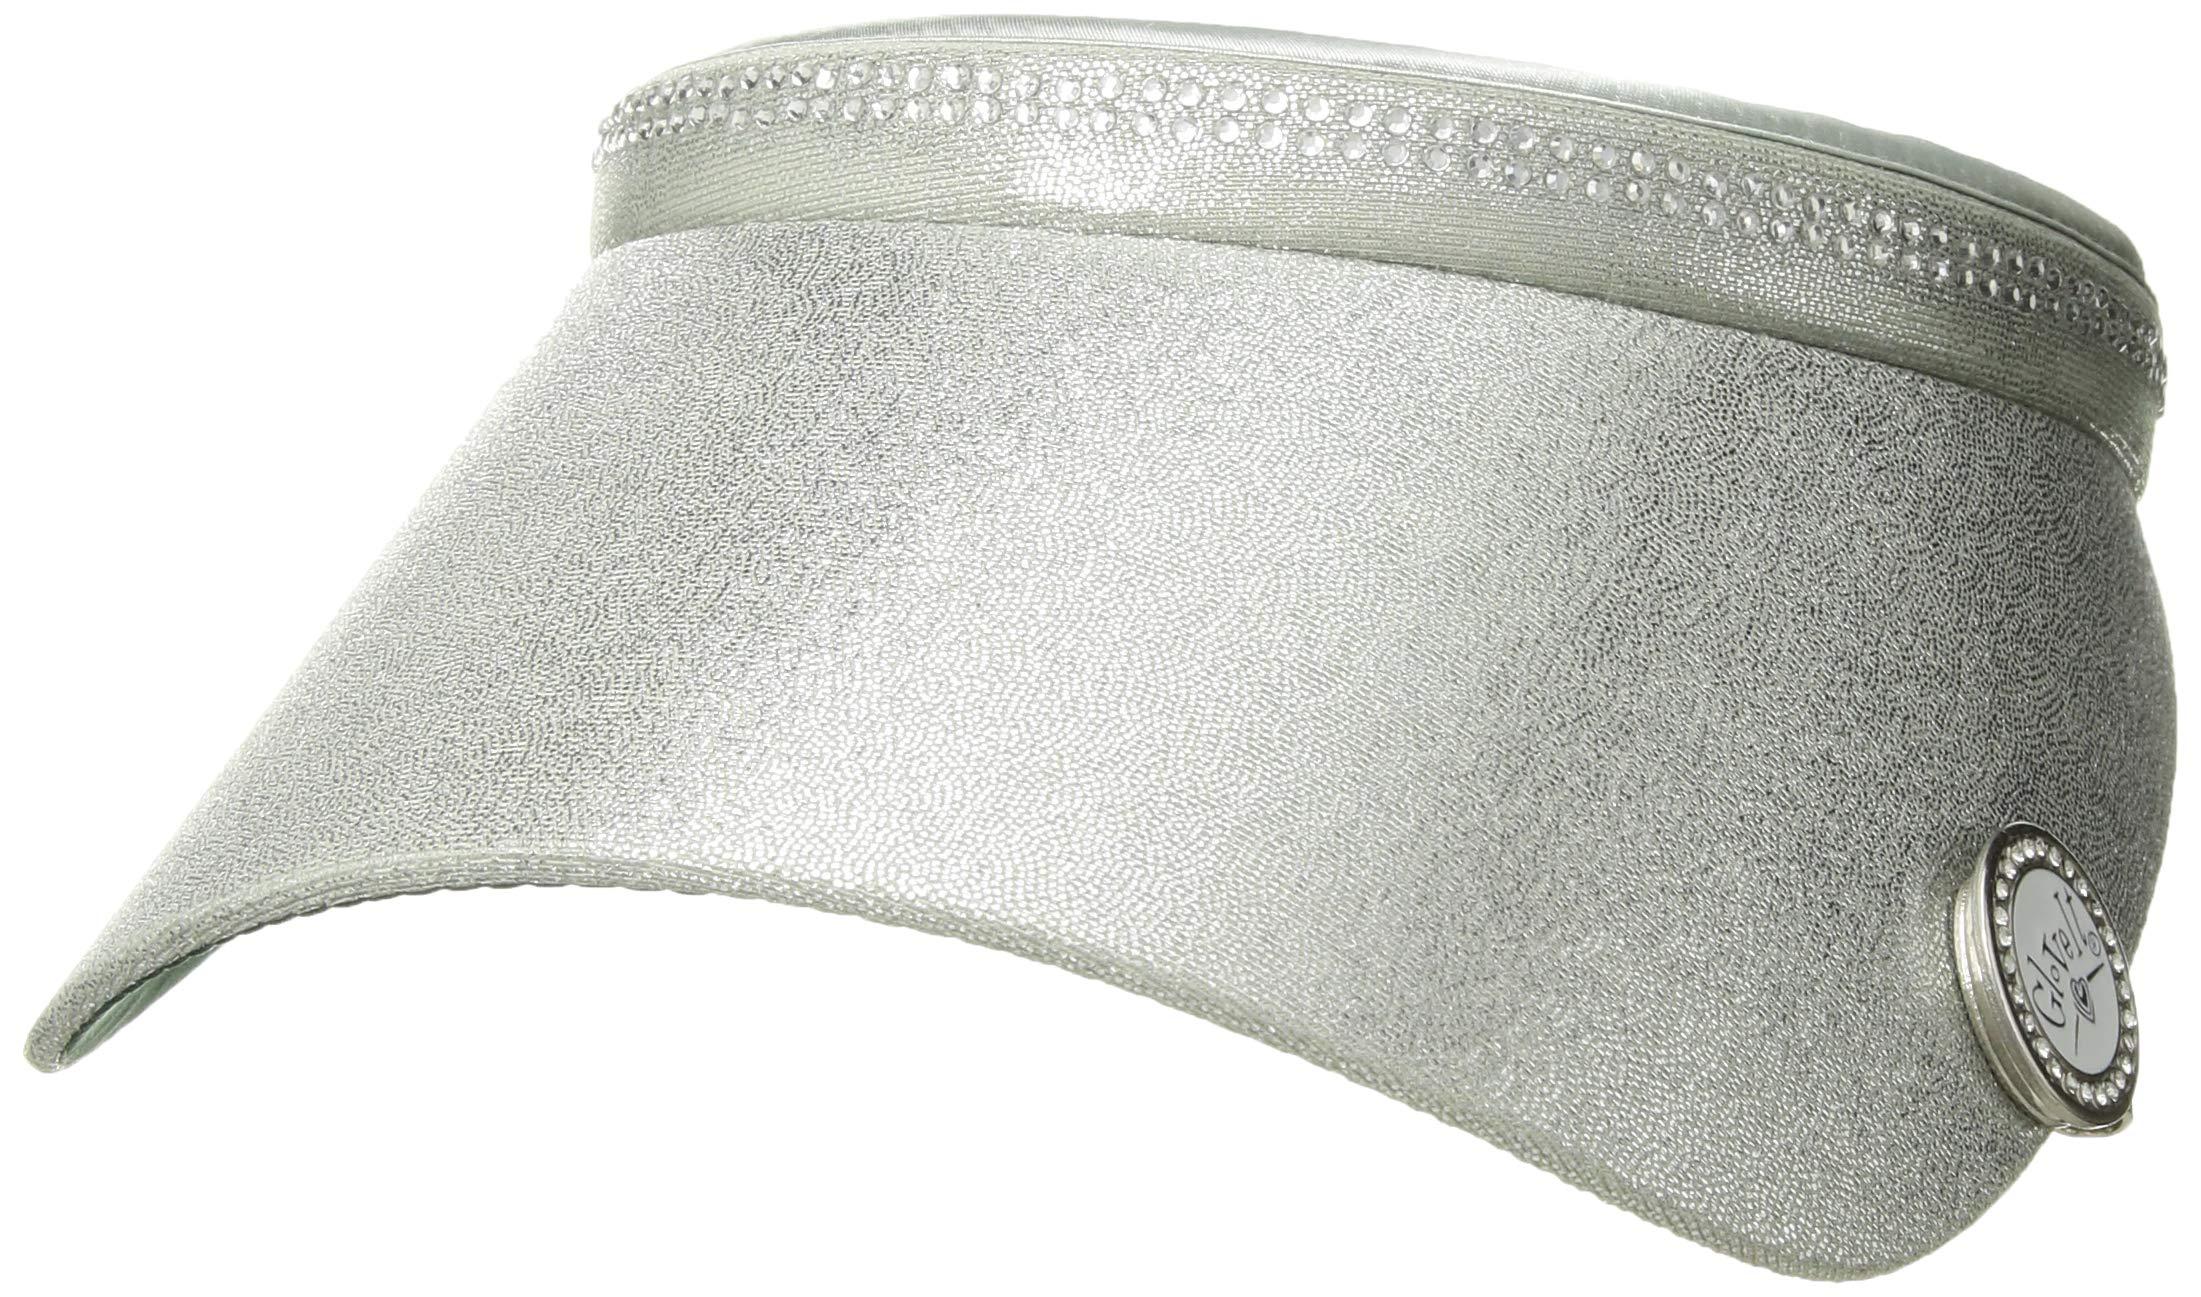 Glove It Women's Bling Visor (Silver) by Glove It (Image #2)